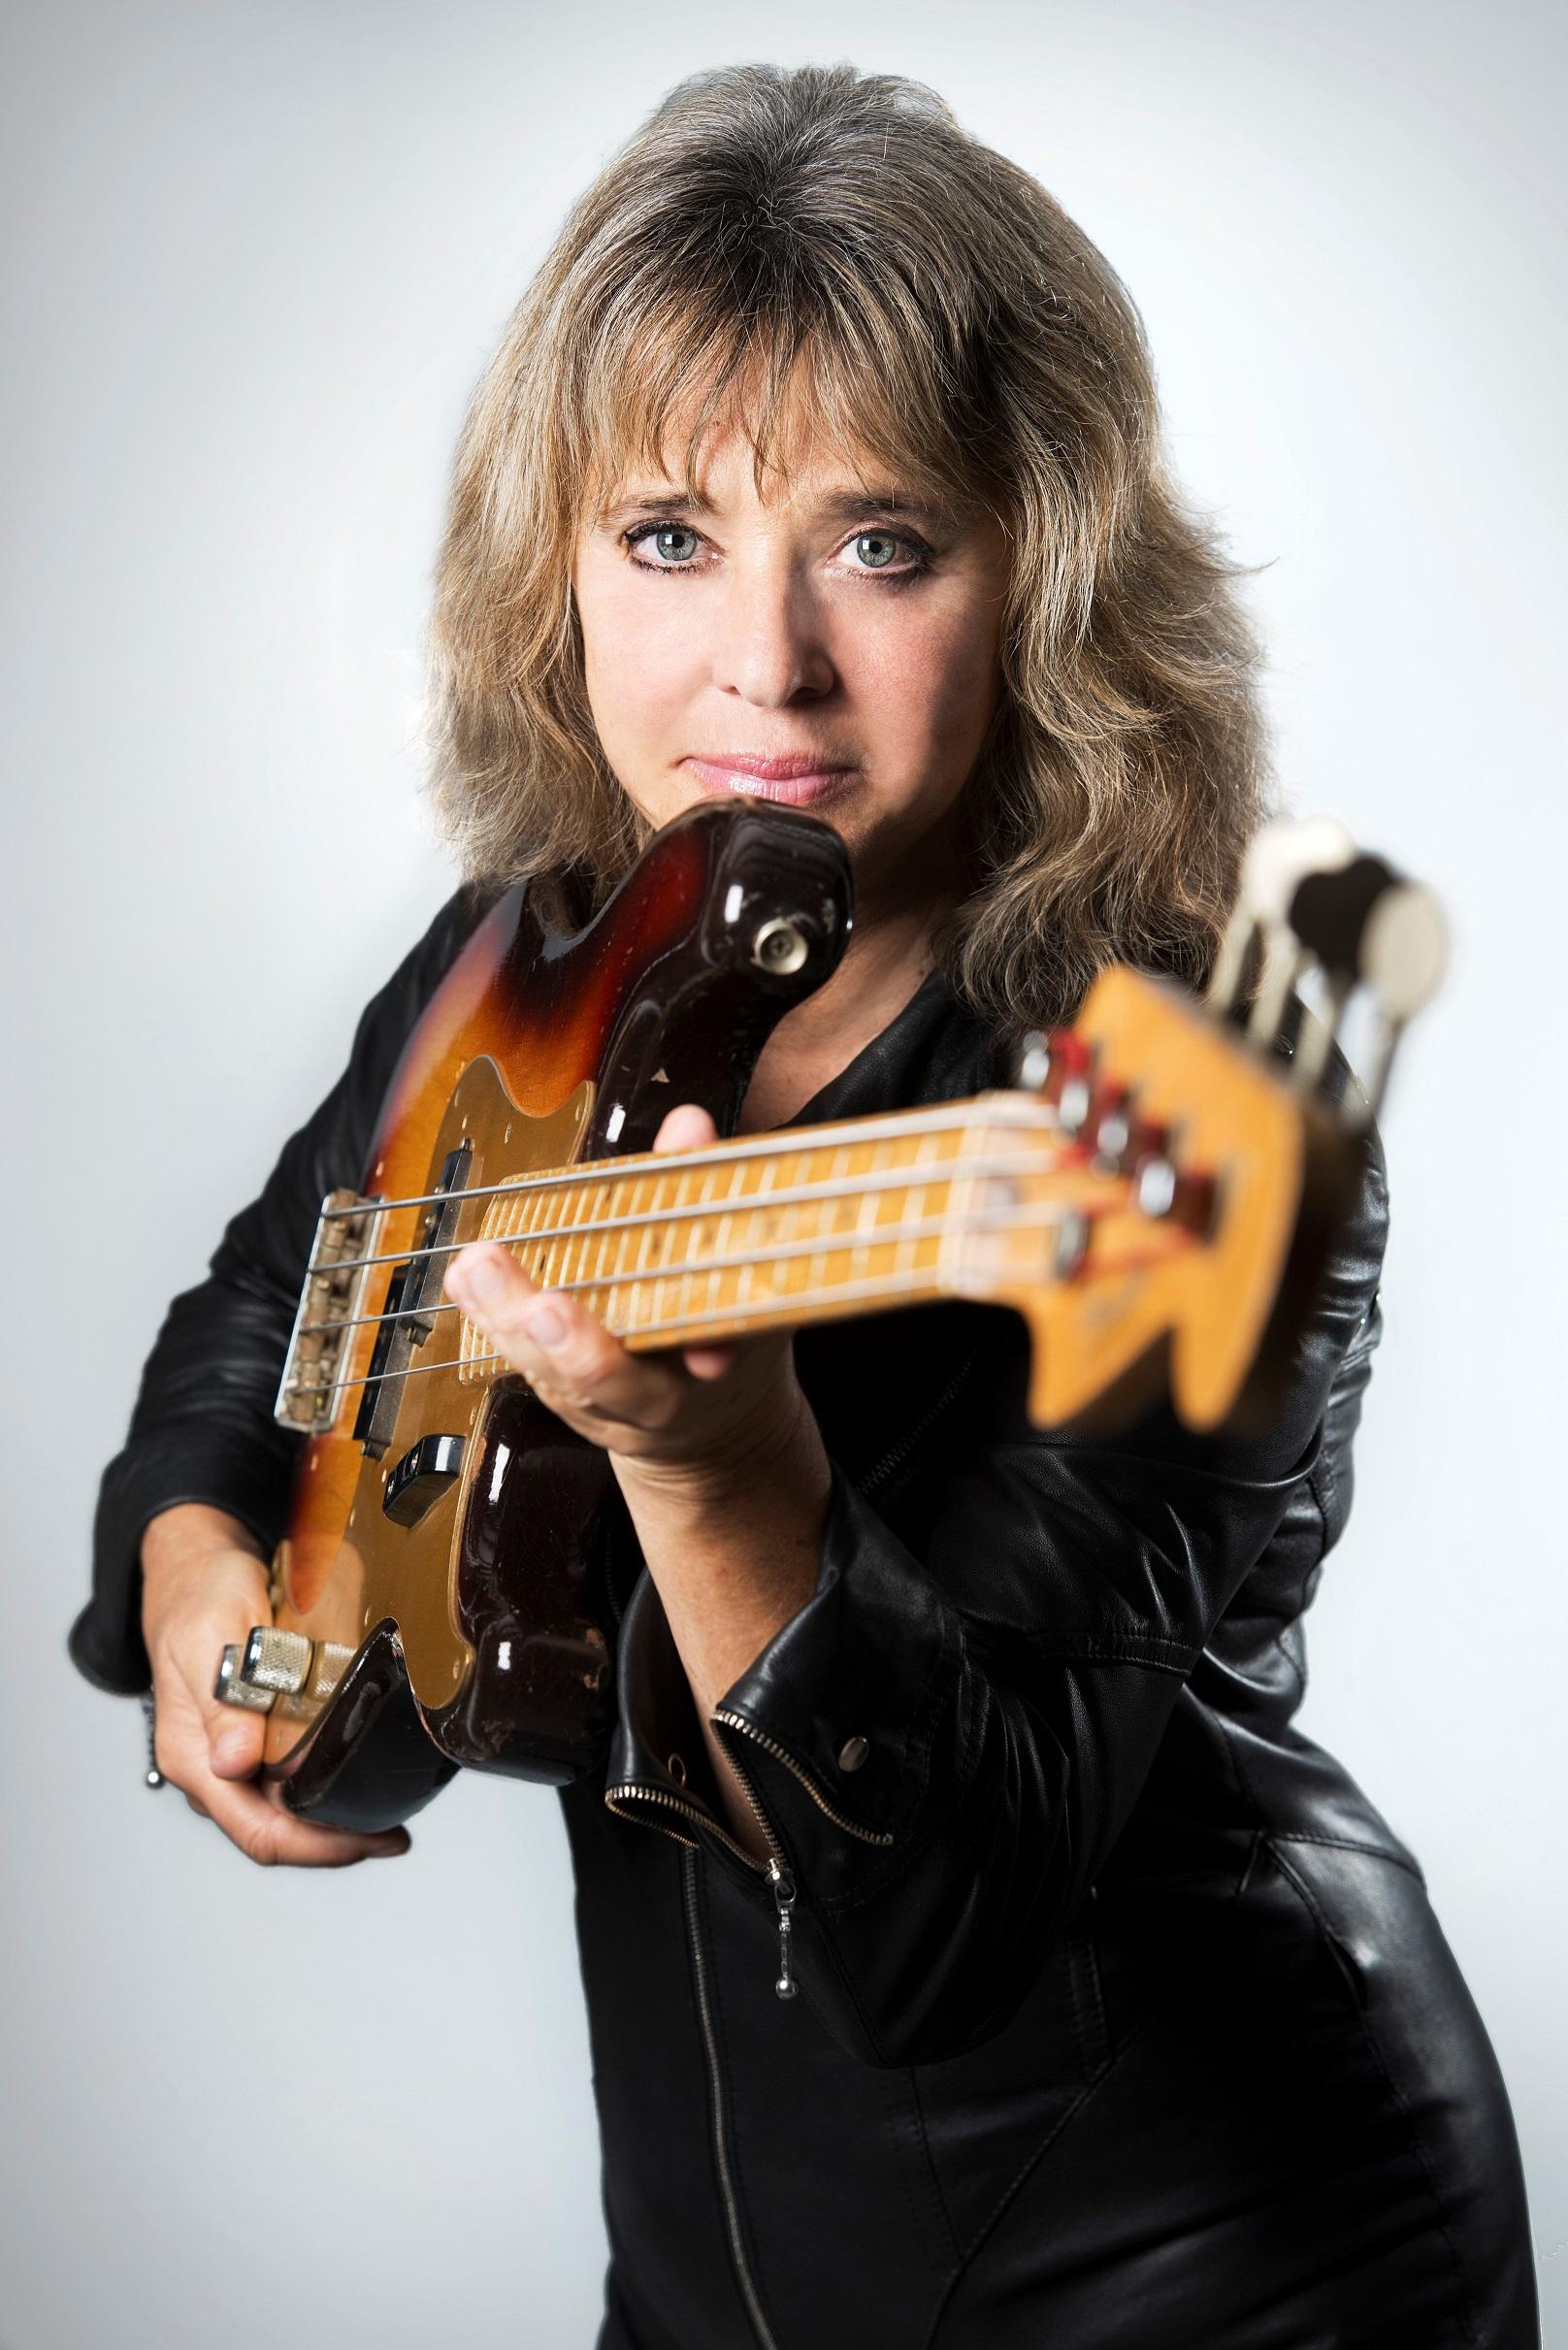 Suzi Quatro   Female musicians, Women in music, Female